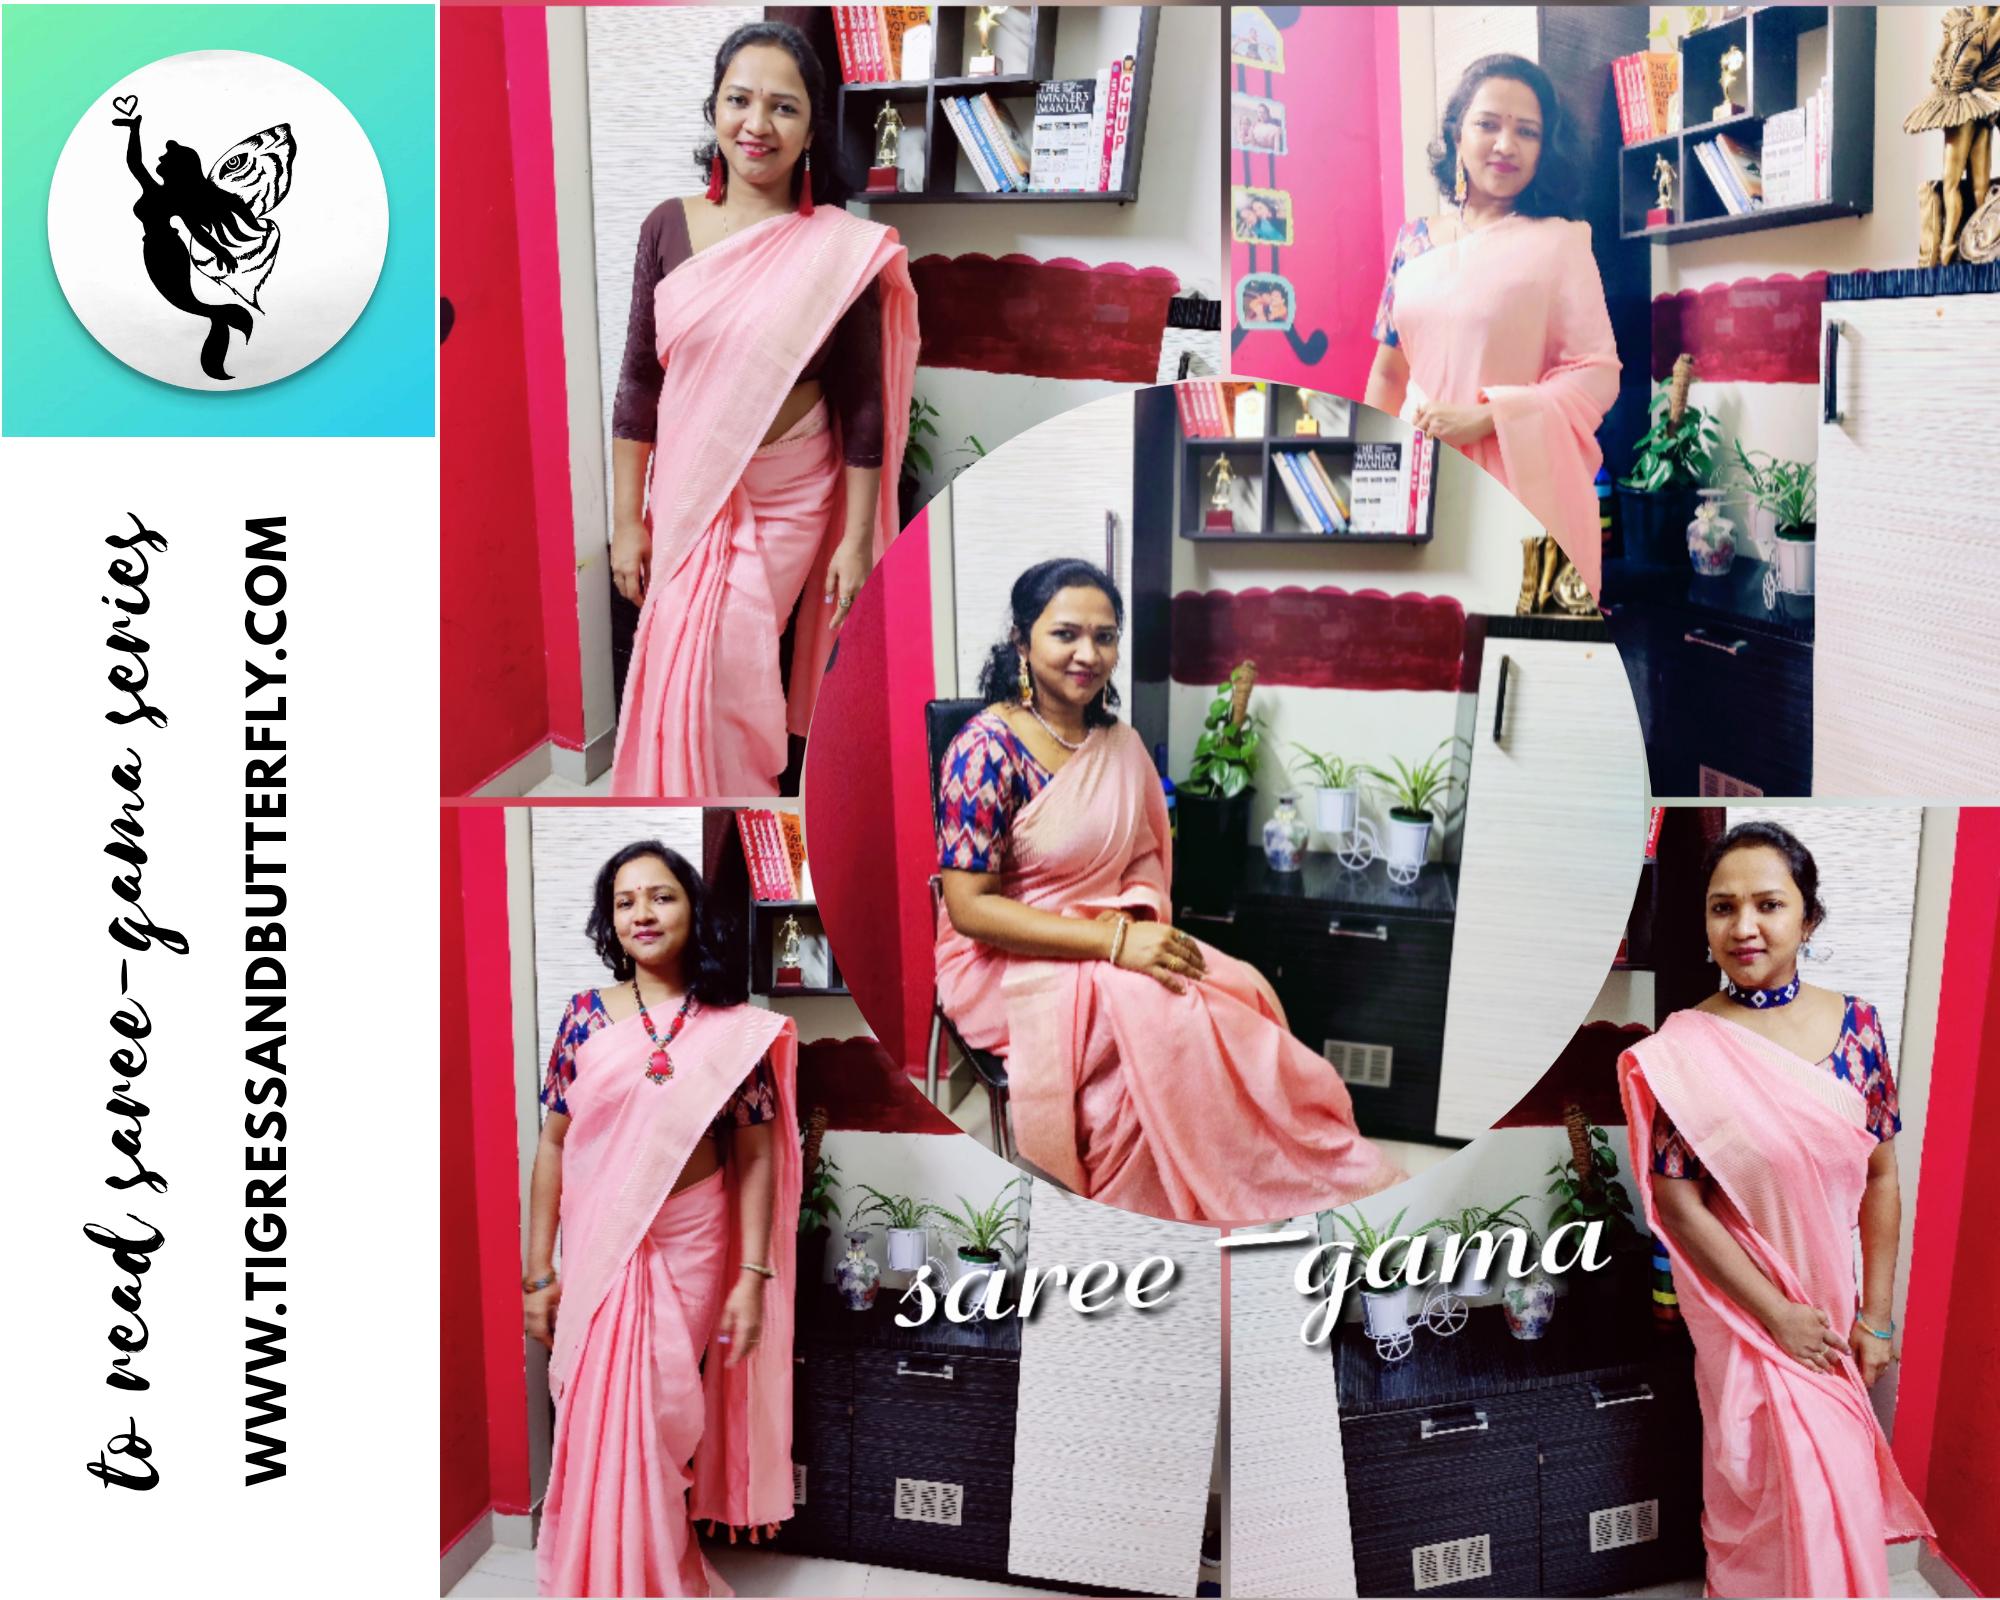 Saree-gama Knitted jute plain saree